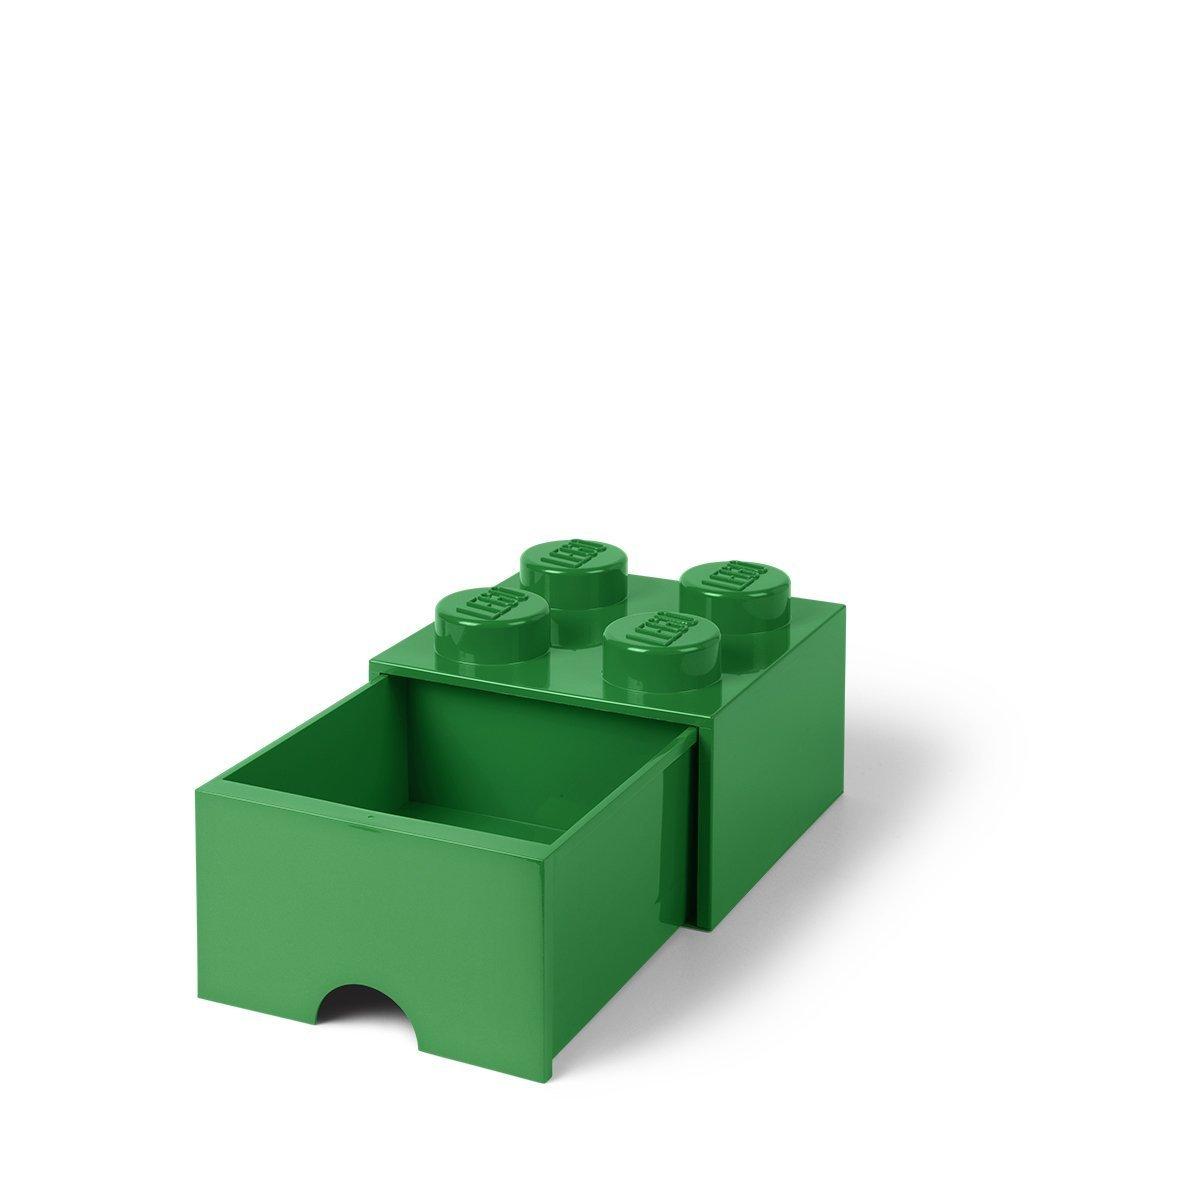 Outletdelocio. Lego 40051734. Ladrillo Lego Gigante Verde. Contenedor con cajon para guardar juguetes.: Amazon.es: Juguetes y juegos